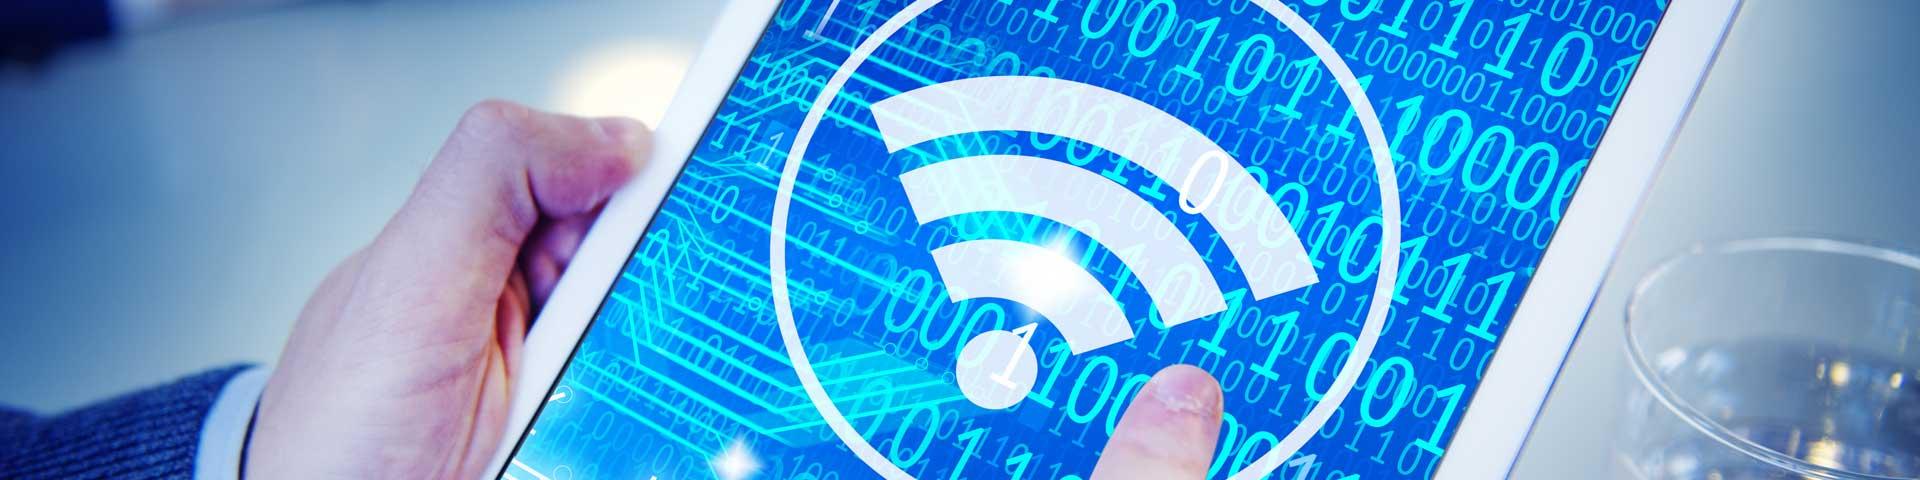 Ziggo Wifispots Kpn Wifi Hotspots Gratis Voor Abonnees